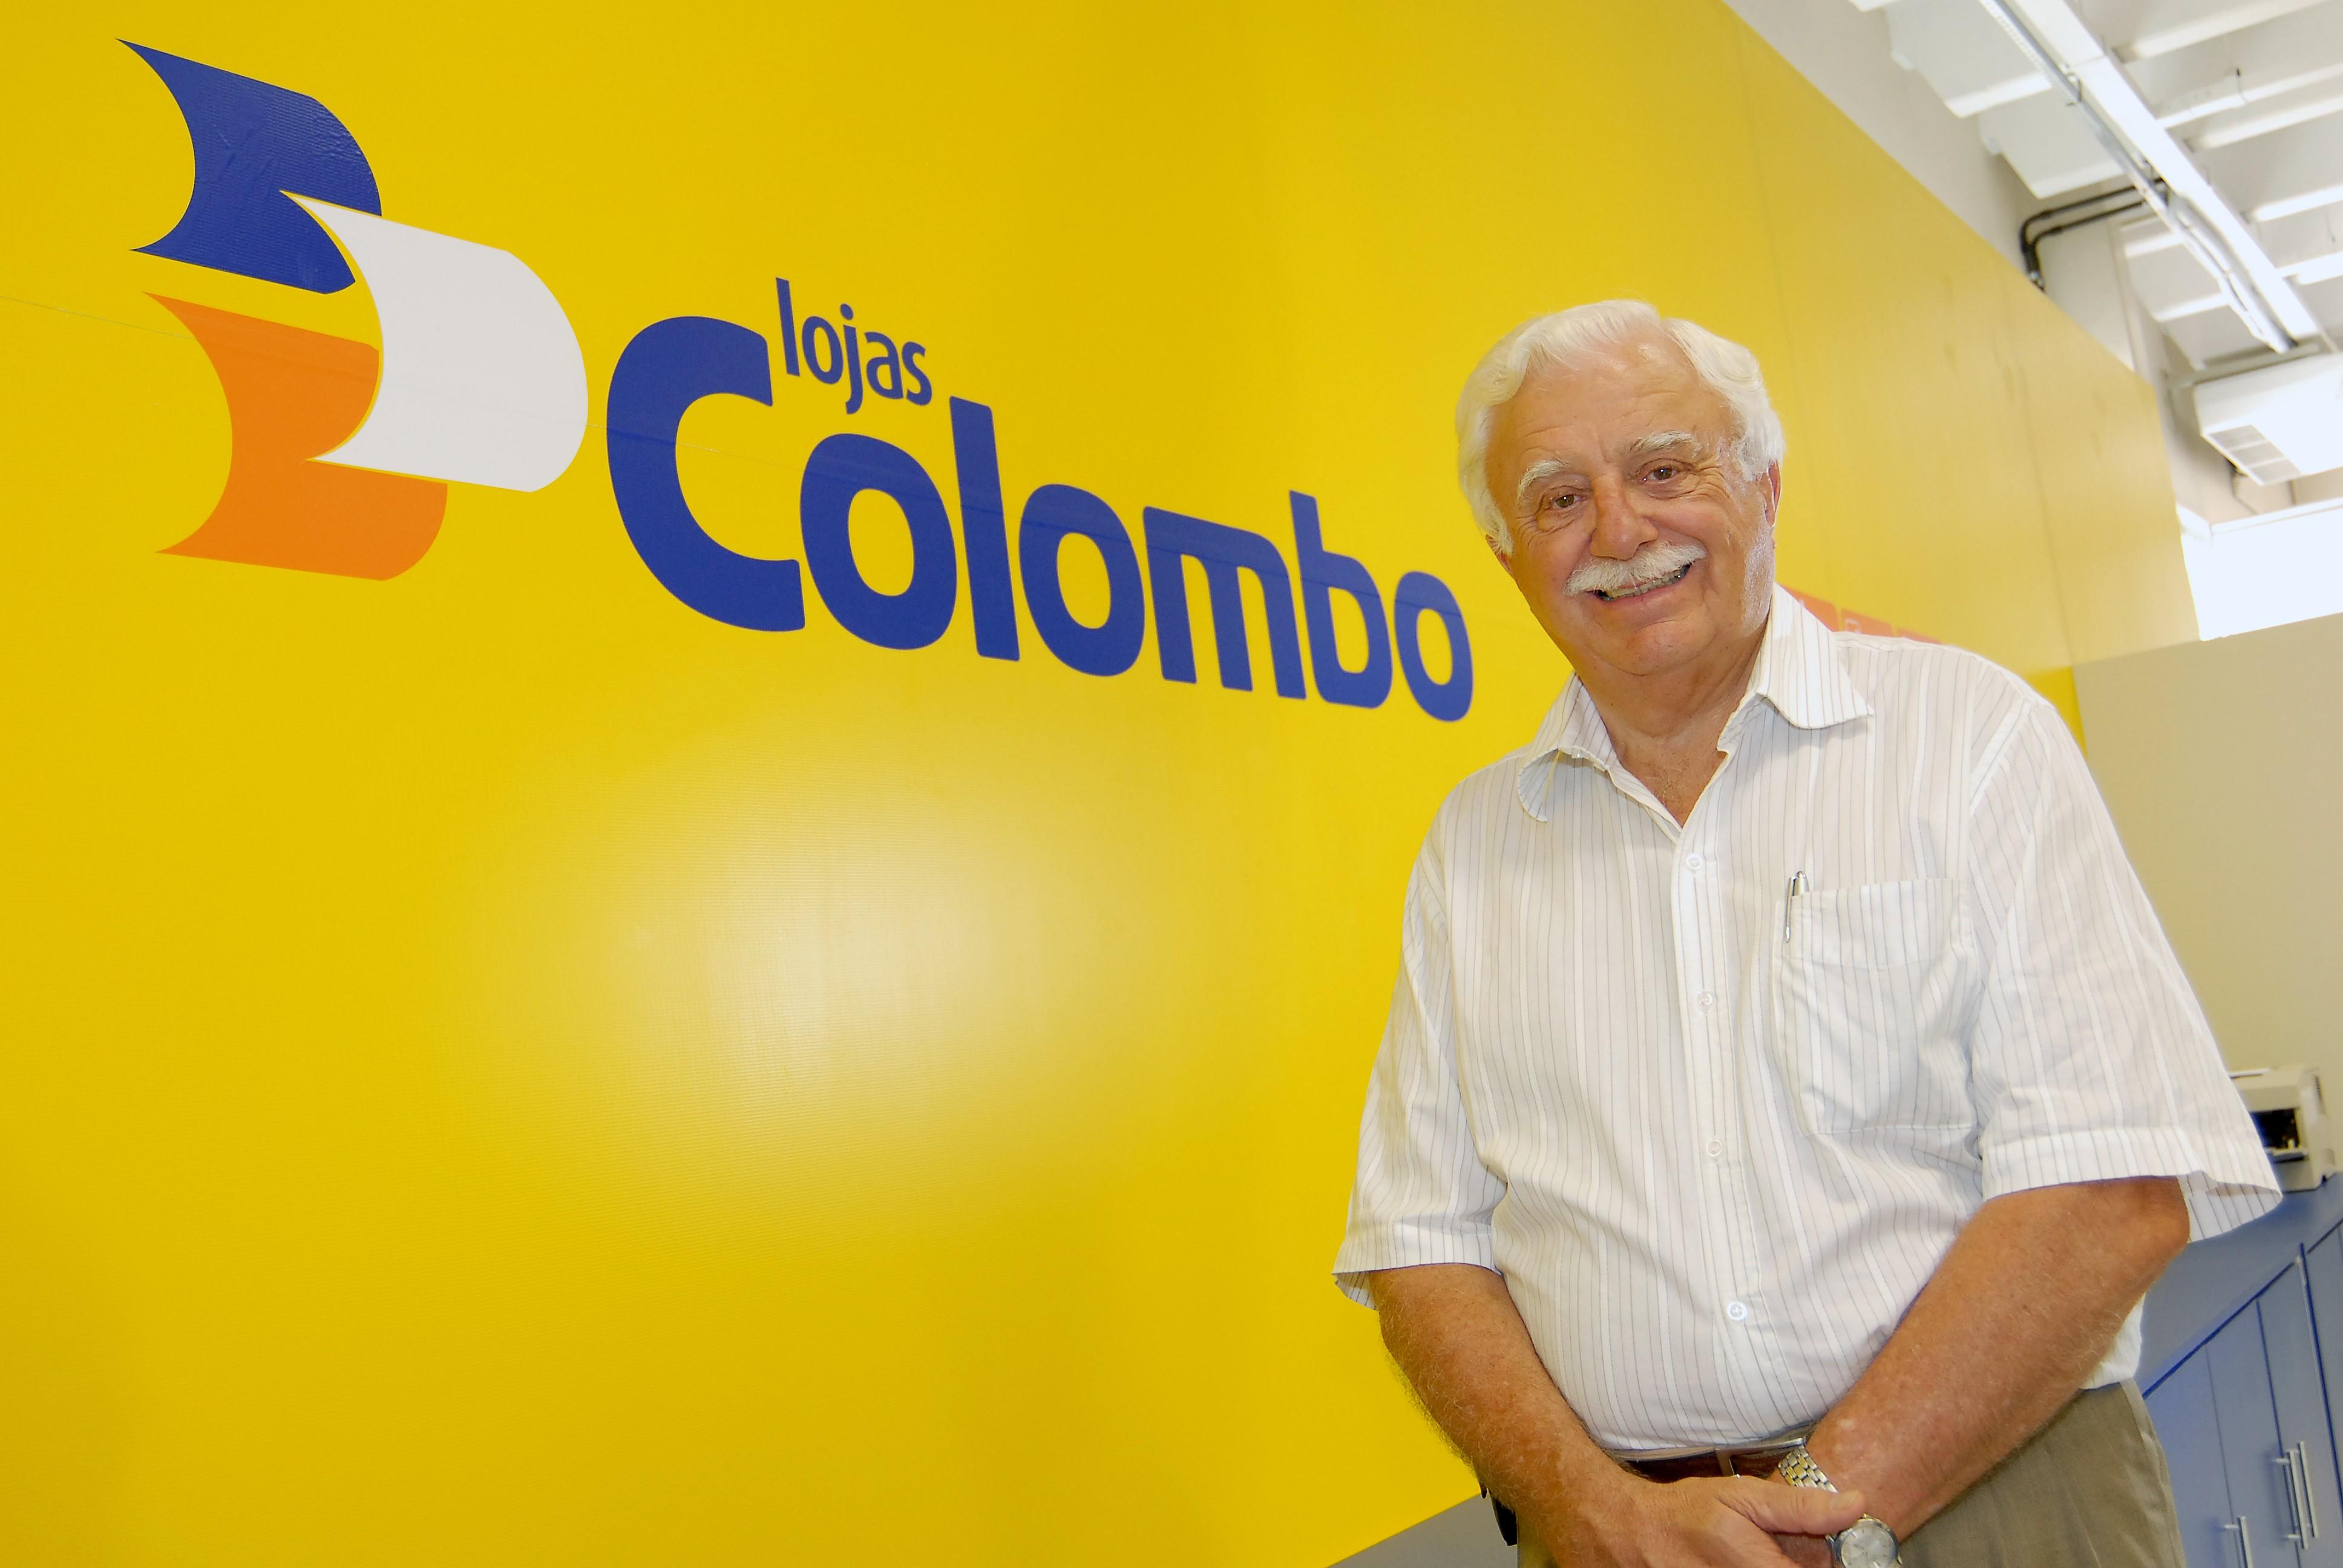 Morre em Porto Alegre, aos 90 anos, fundador das Lojas Colombo